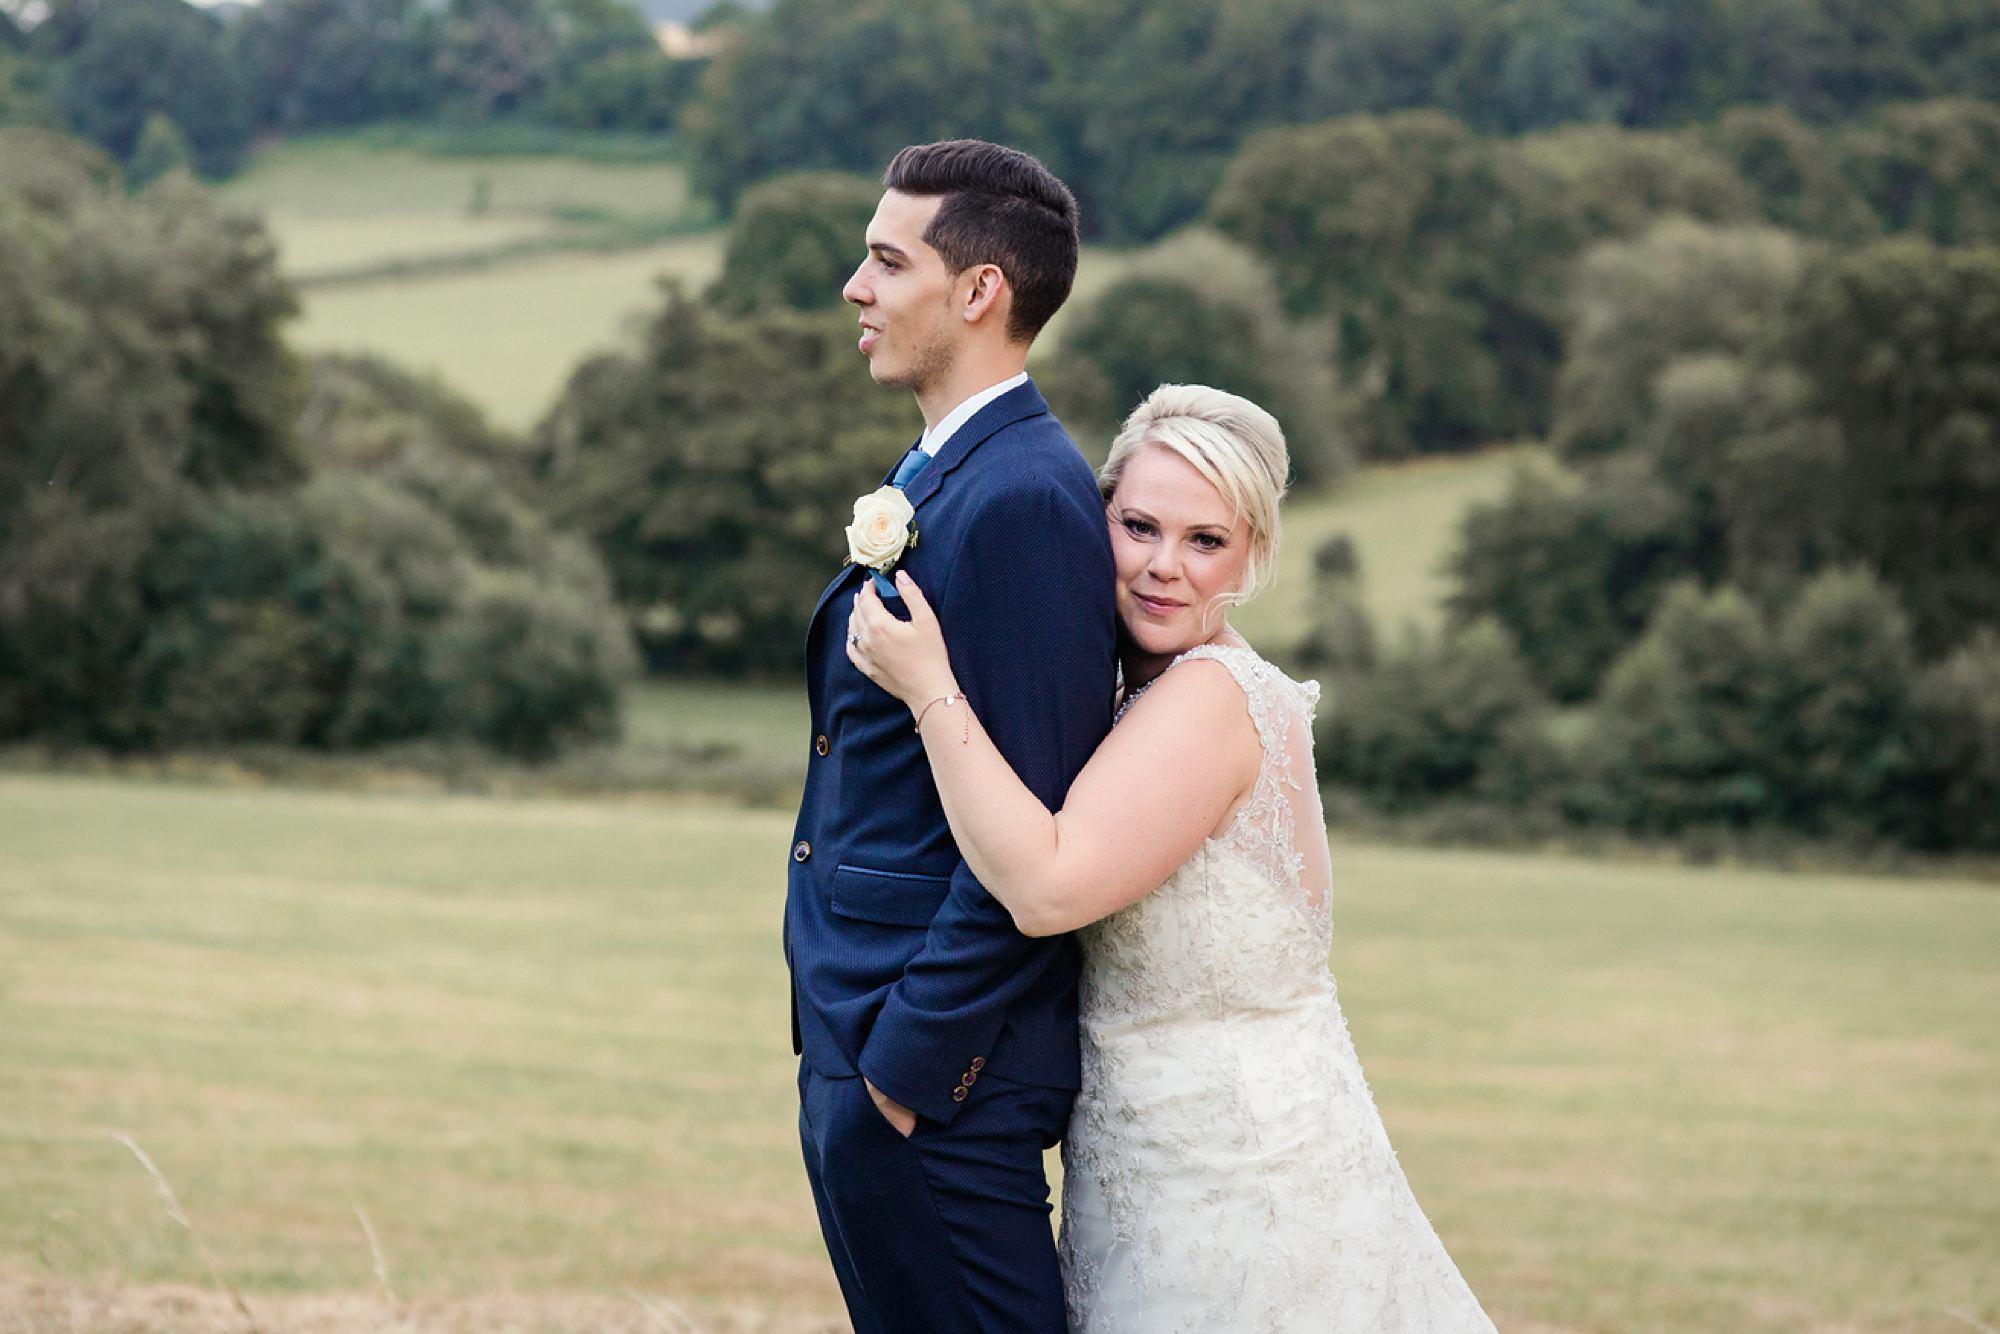 Bignor Park wedding photography bride hugging groom